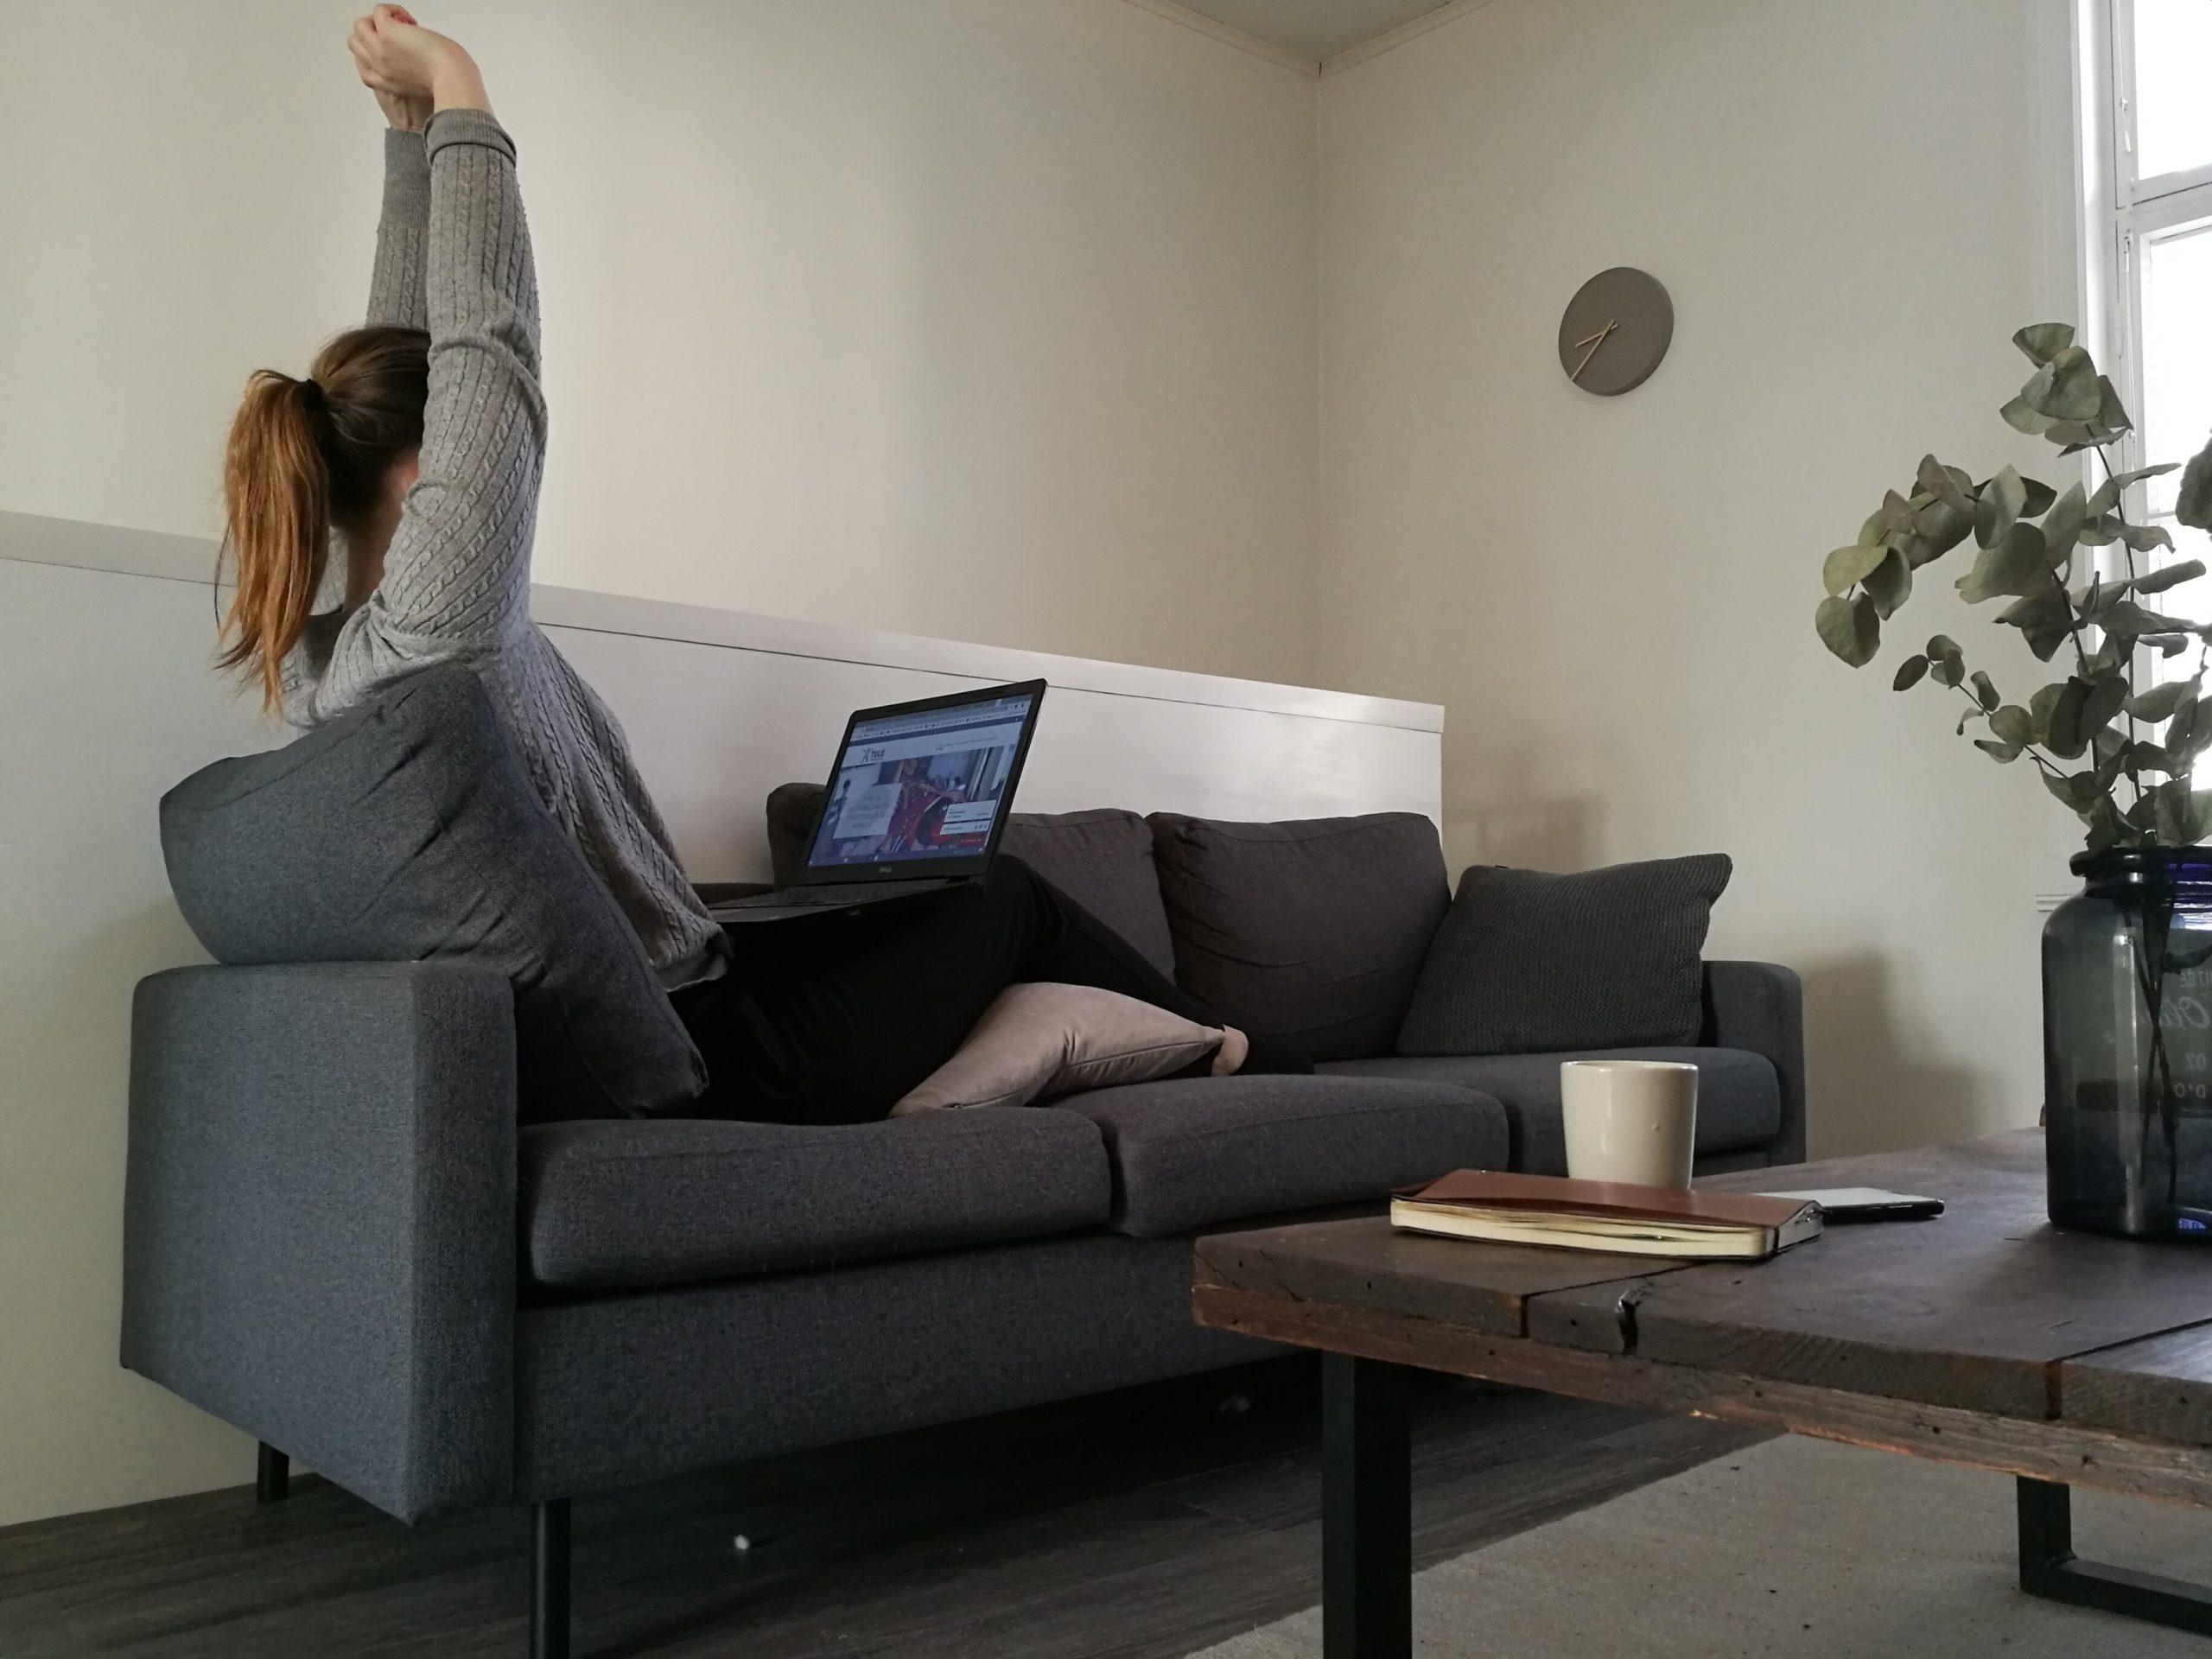 Nainen istuu sohvalla ja venyttää käsillä kohti kattoa.